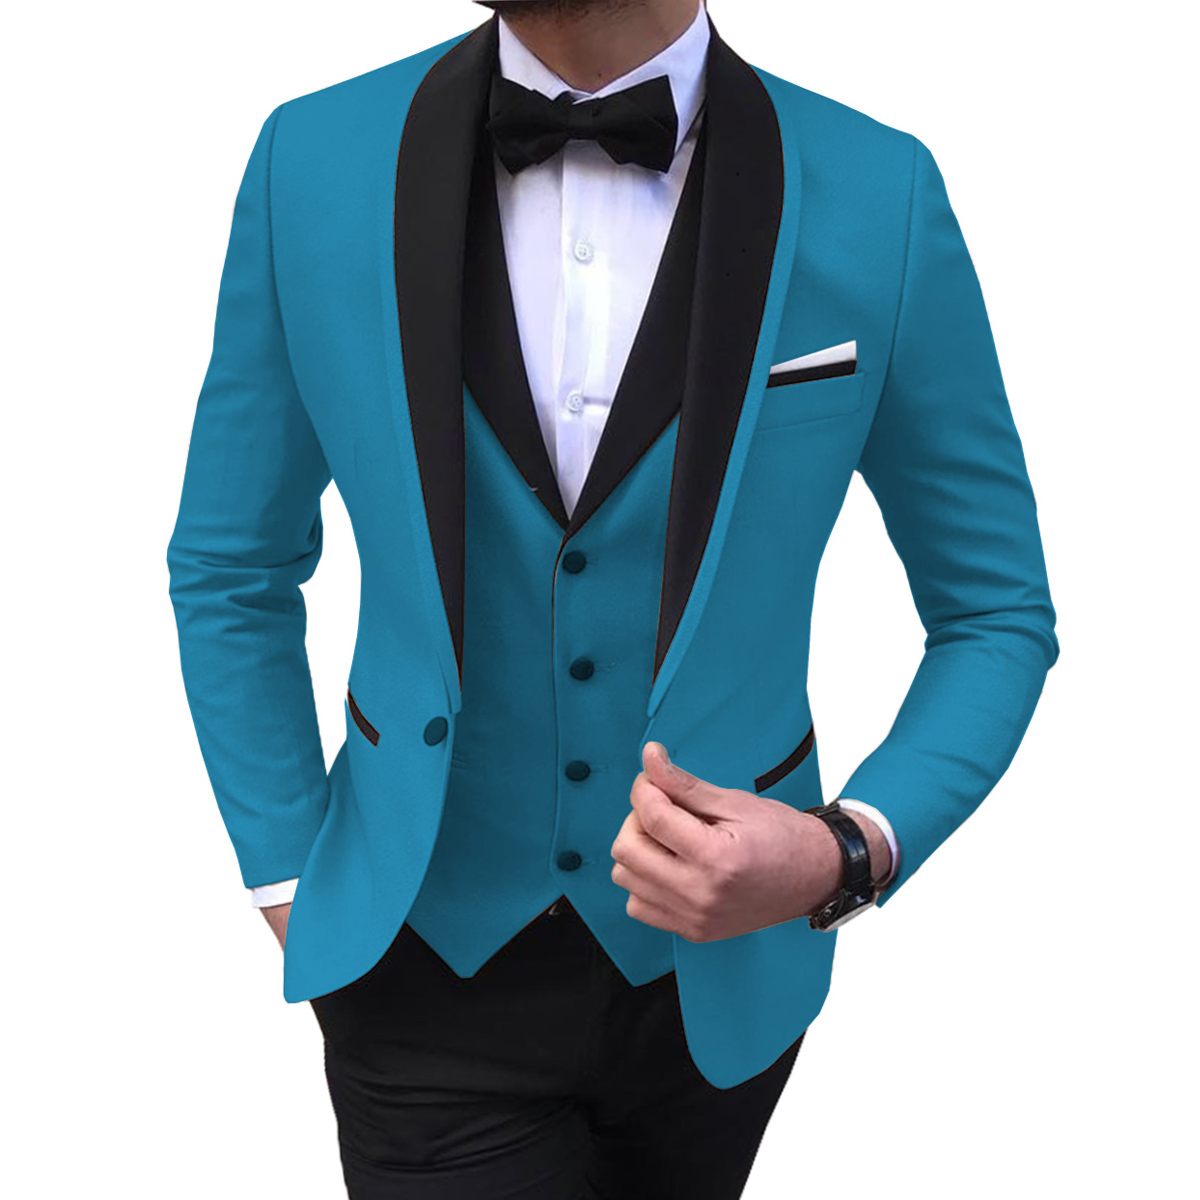 Blue slit mens suits 3 piece black shawl lapel casual tuxedos for wedding groomsmen suits men 2020 (blazer+vest+pant) 1